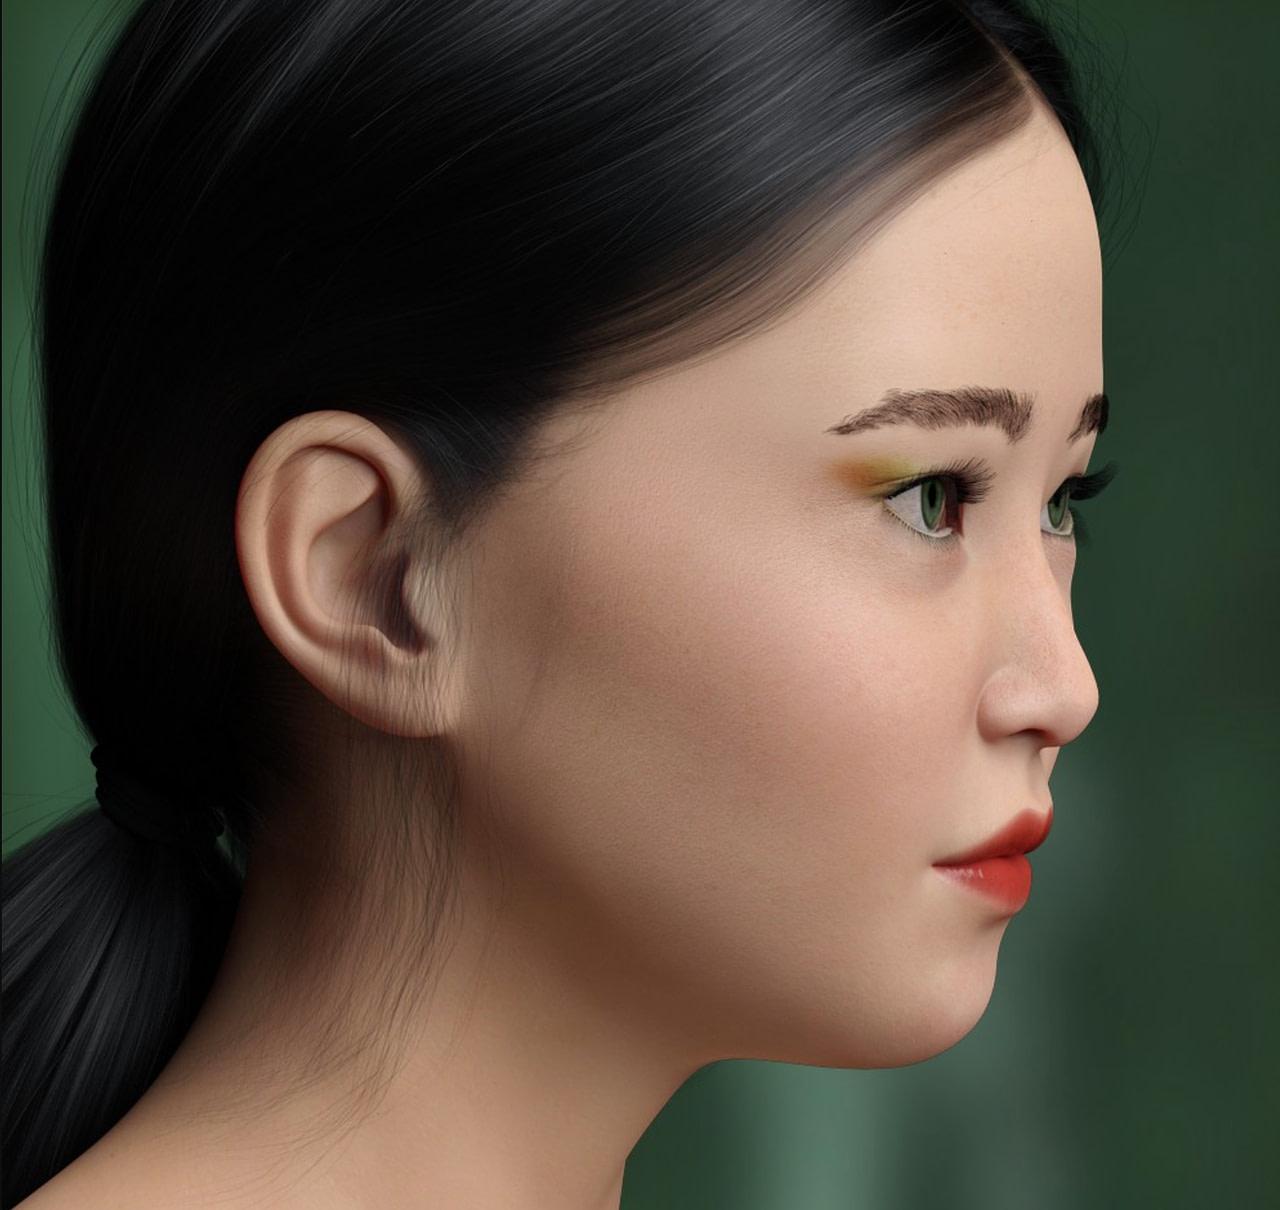 daz zhi ruo asian female model